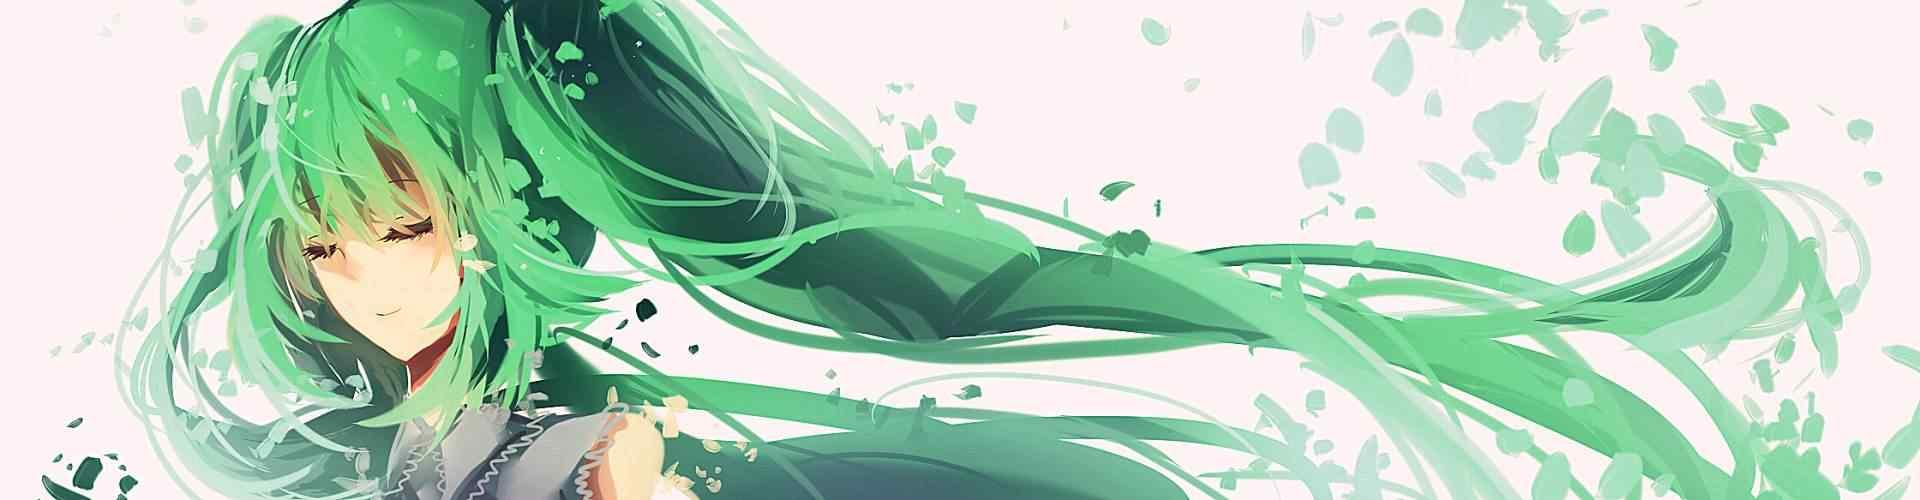 动漫美女壁纸_初音未来图片_阴阳师游戏壁纸_王者荣耀游戏壁纸_美女图片